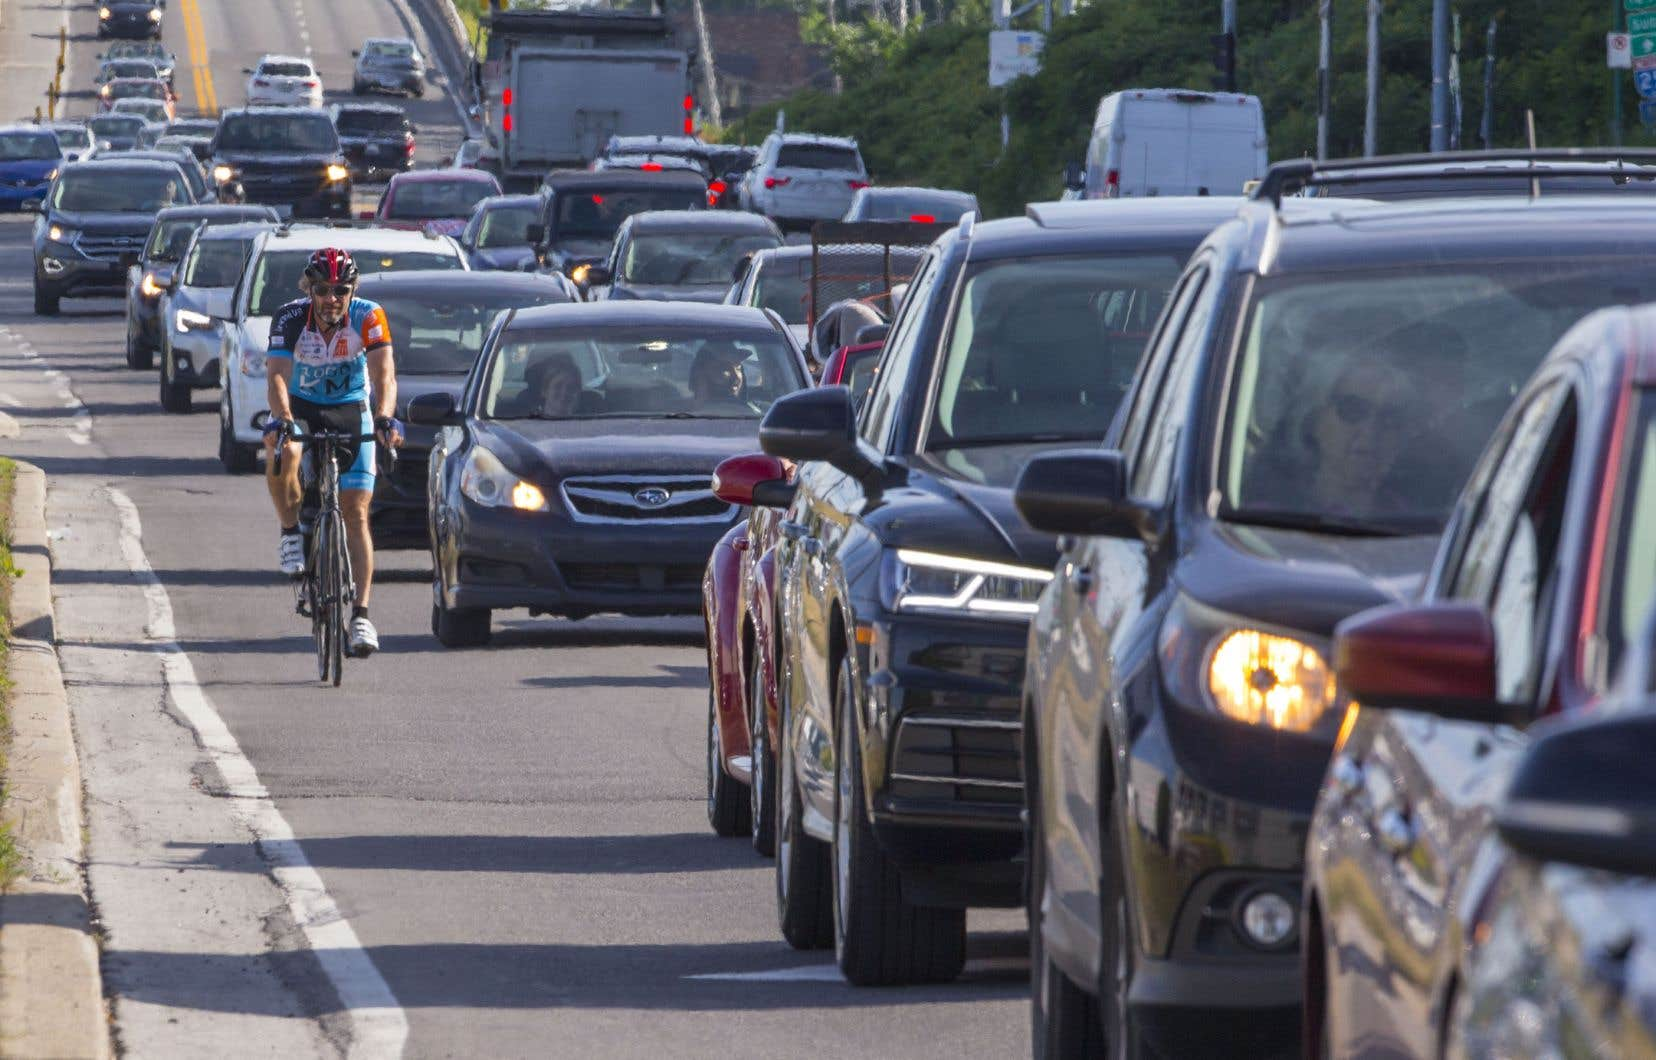 Une portion importante de la montée Masson (route 125)entre Terrebonne et Laval ne dispose d'aucune piste cyclable ni d'accotements asphaltés.